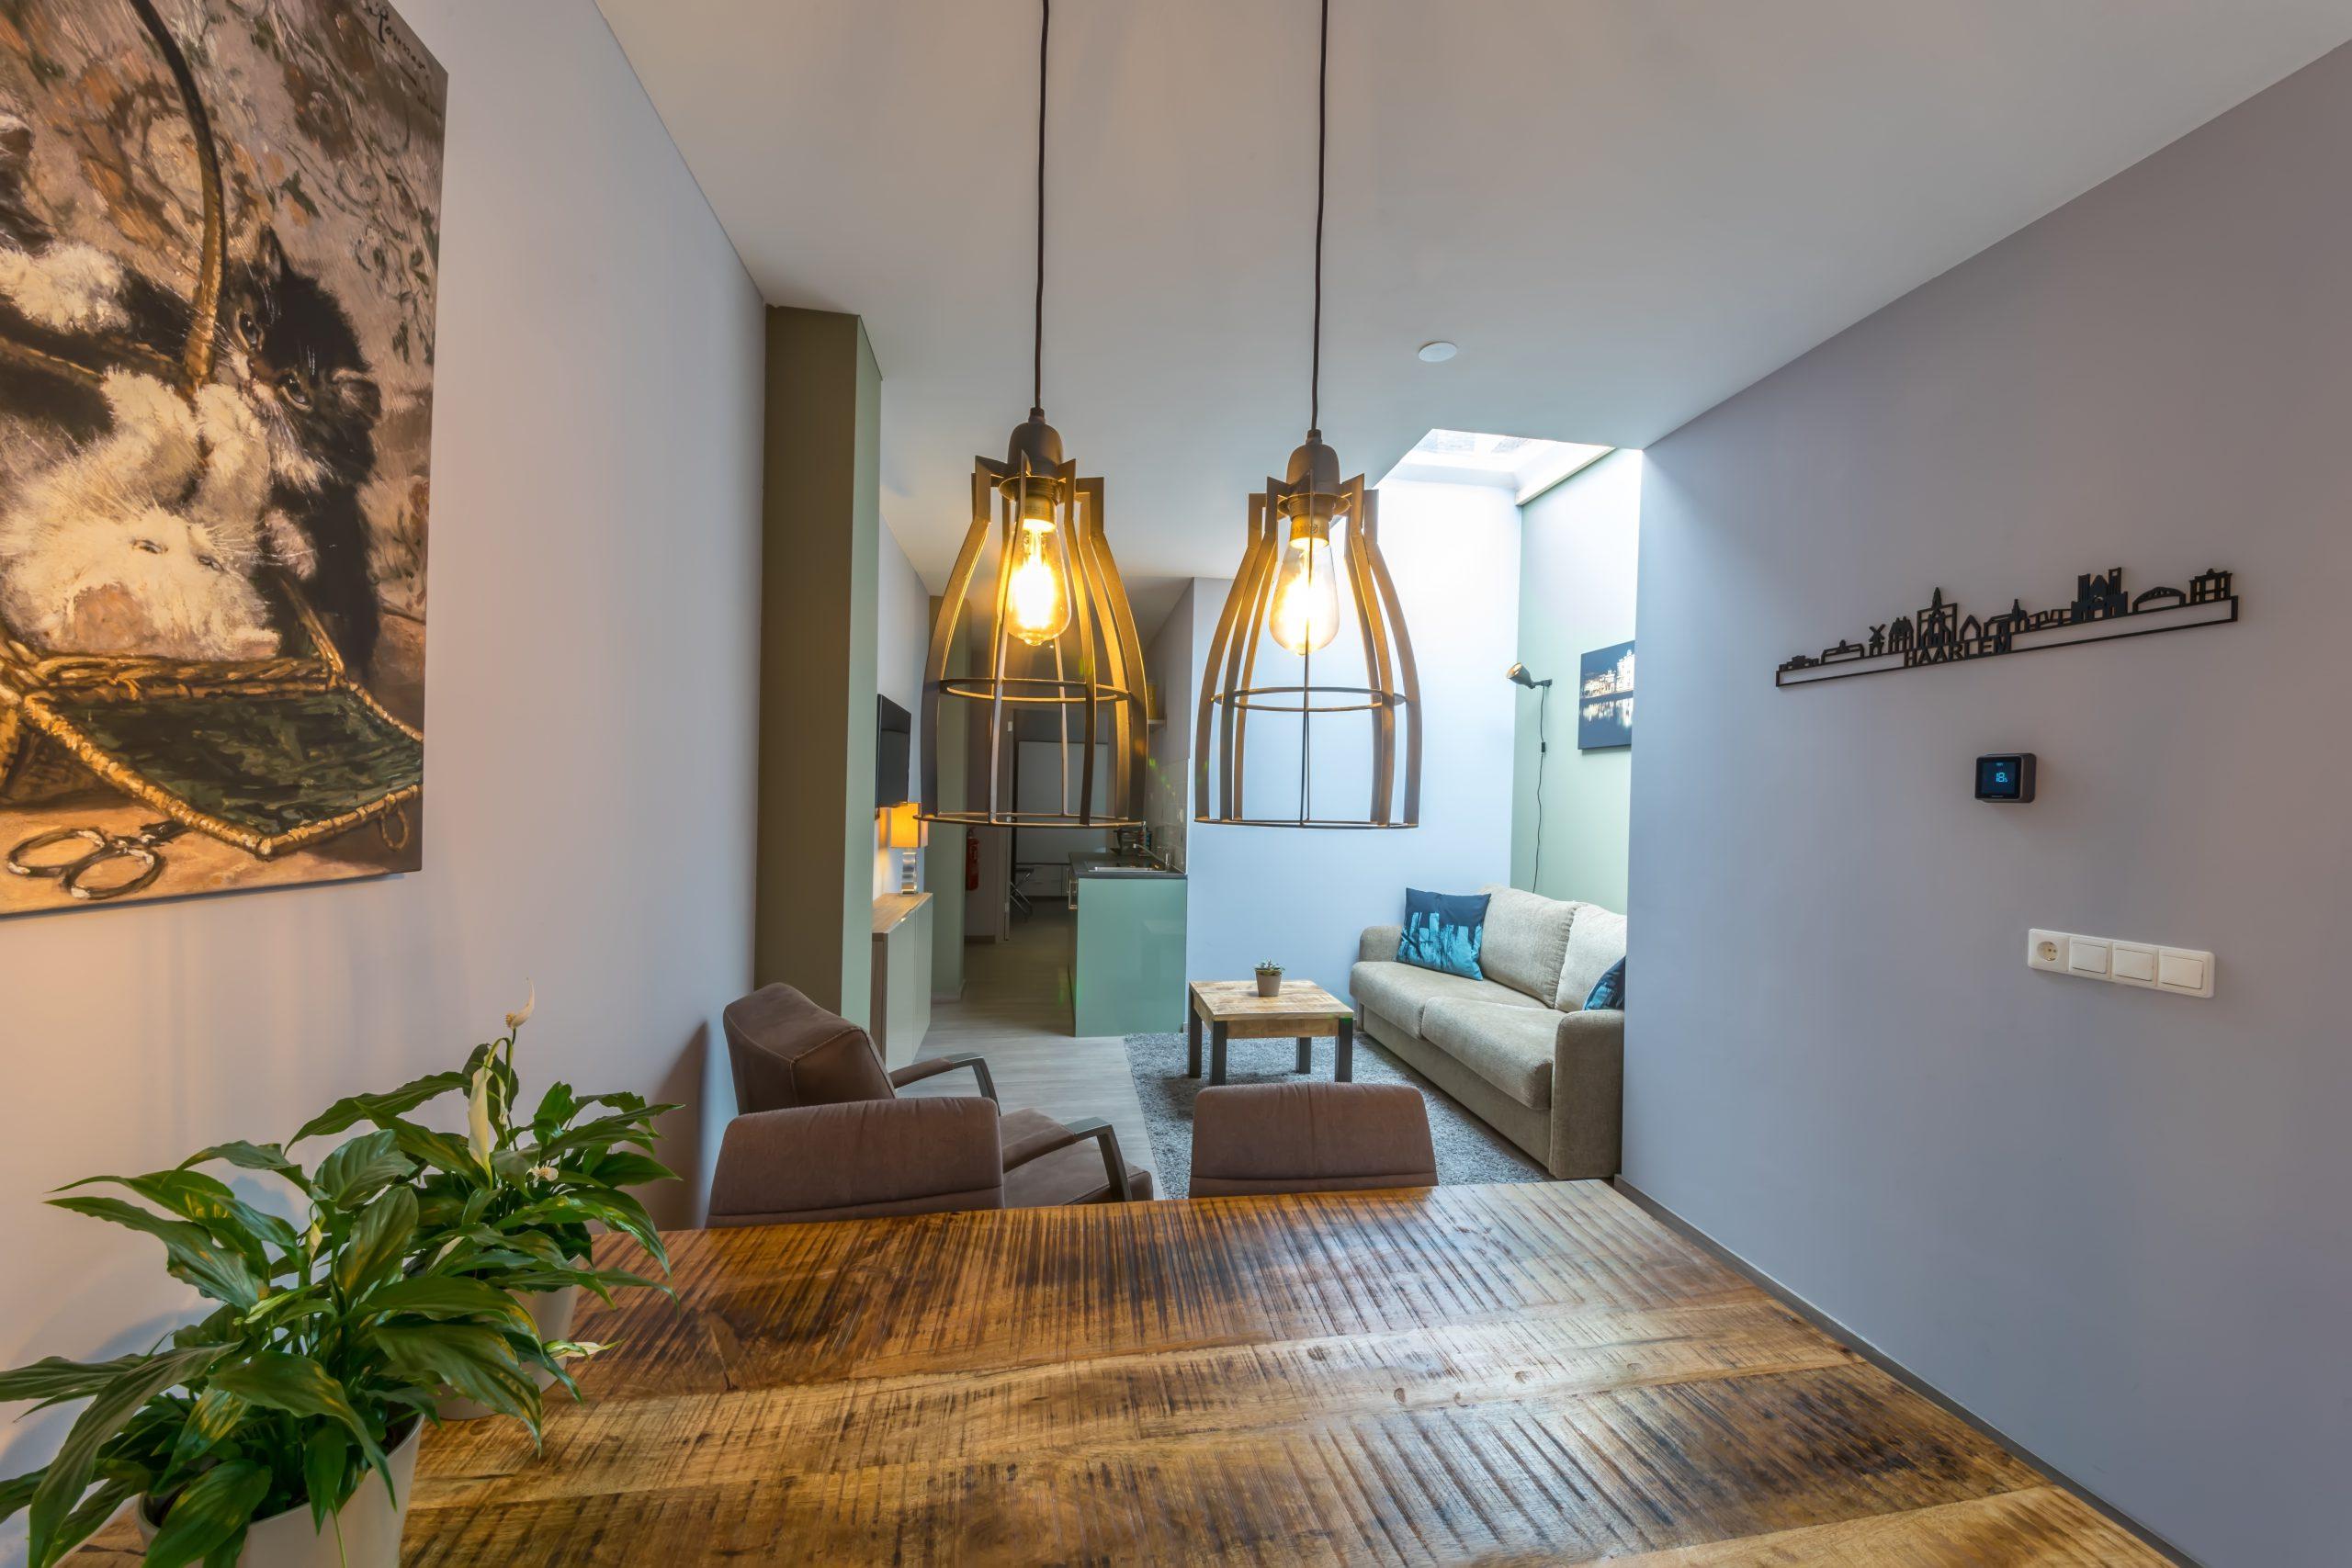 Woonkamer-Livingroom-wohnzimmer-Pieter-Teyler-Relaxed-Slapen-2